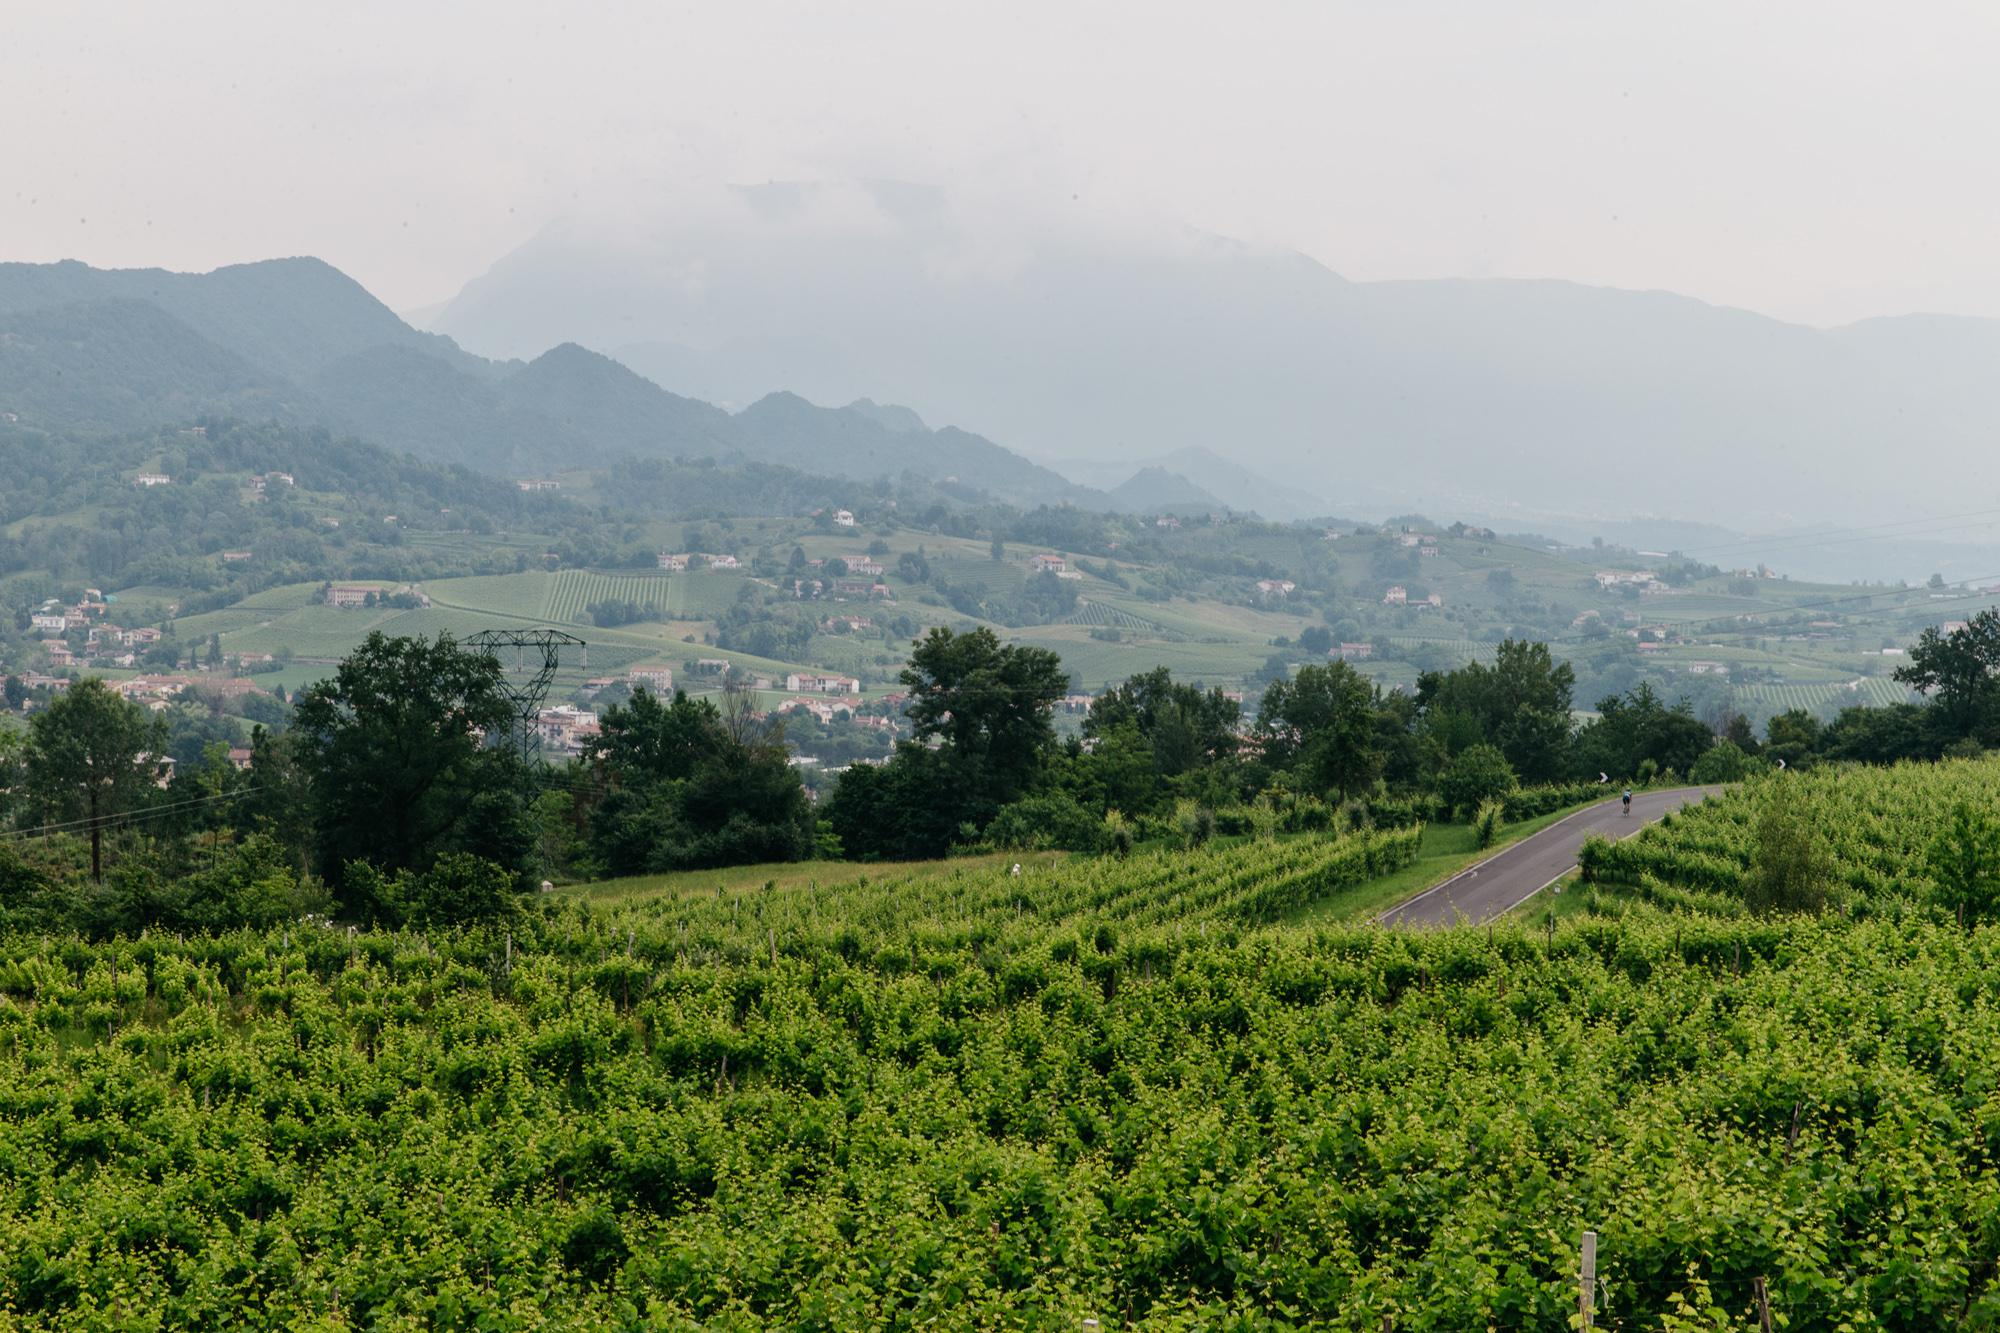 .... fields of vines